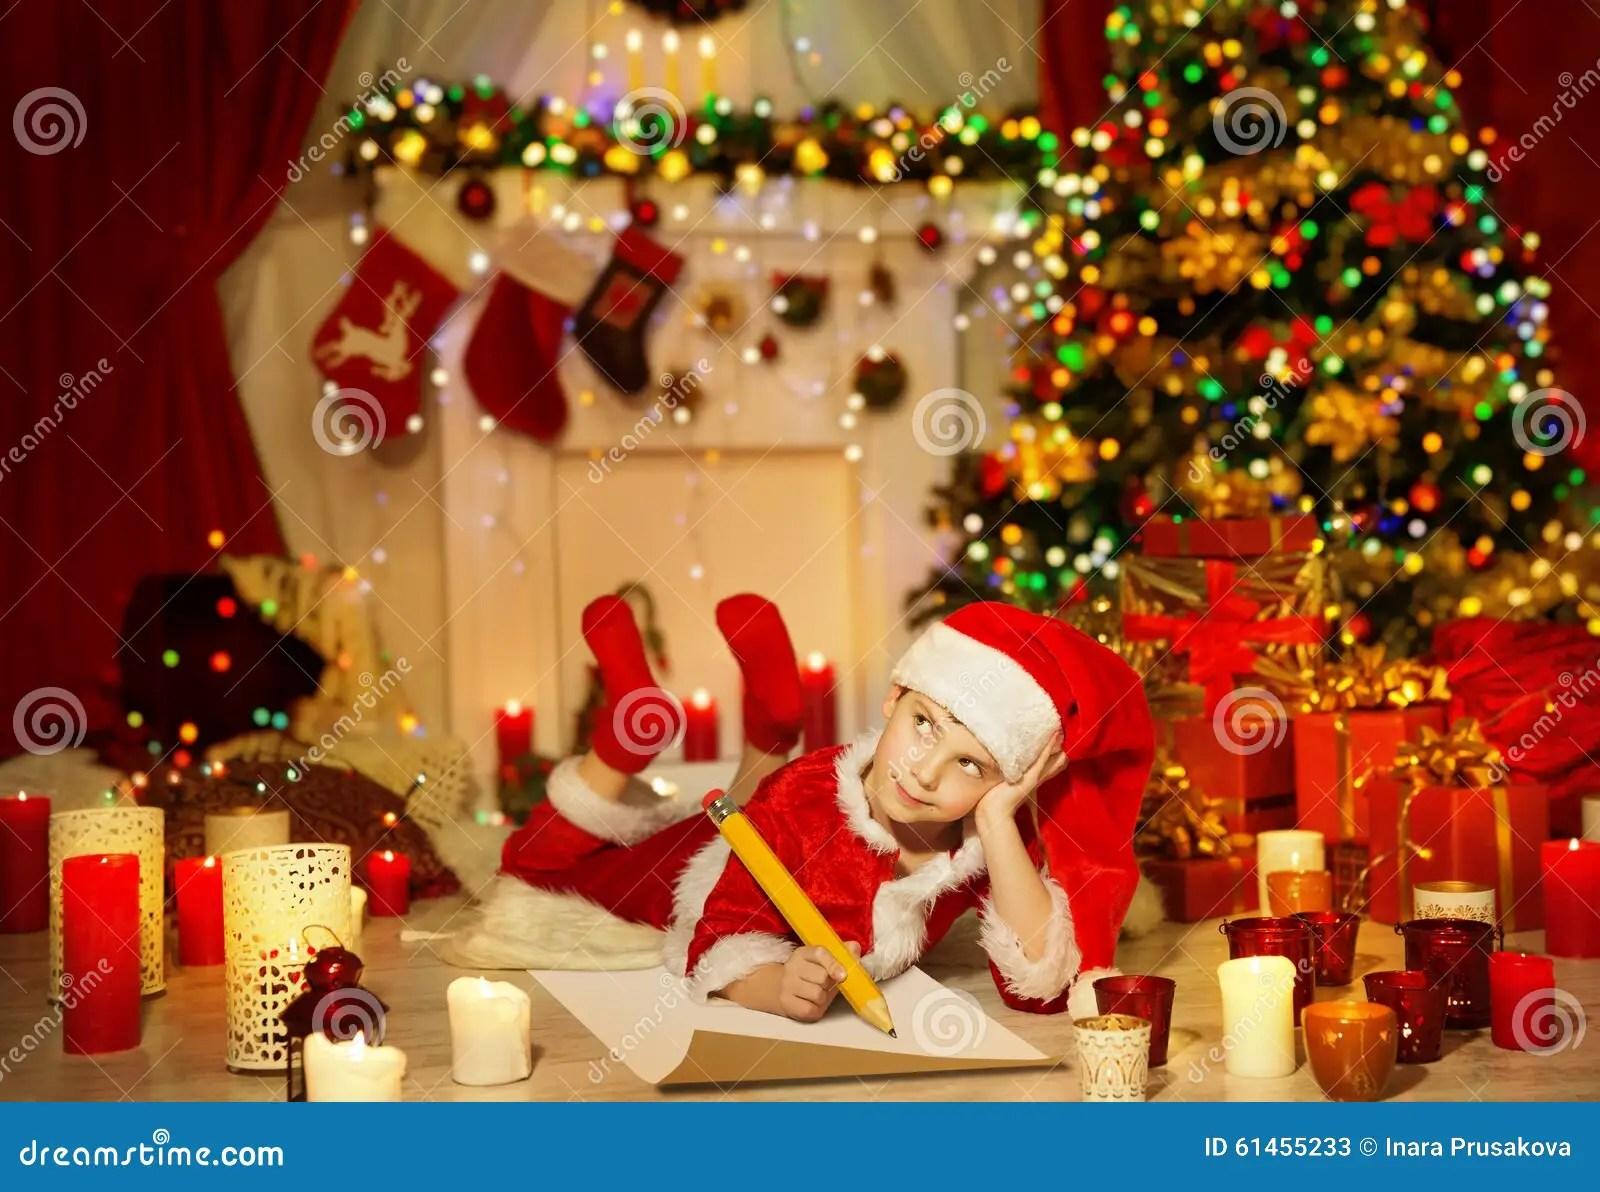 Weihnachtskind Schreiben Wunschliste Kind Santa Hat